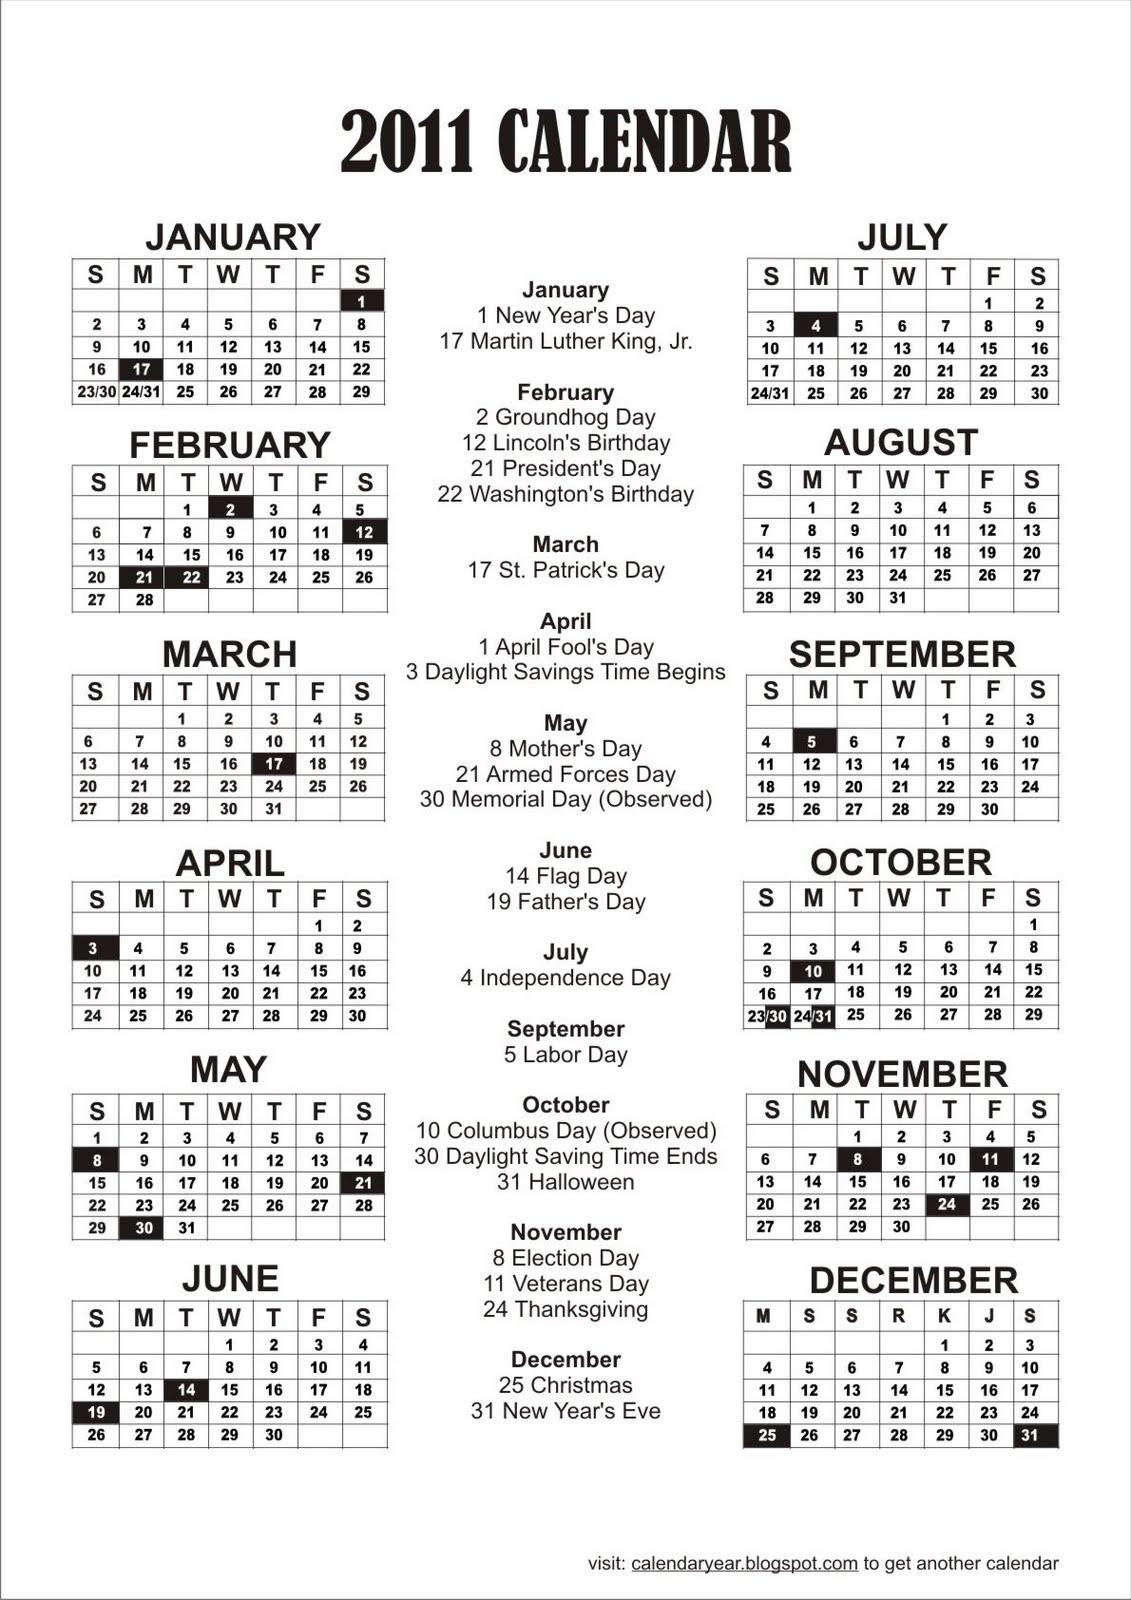 http://2.bp.blogspot.com/_WOWQJUlRtKQ/TQe4Aj2Z7bI/AAAAAAAAAzI/AnMf_kxZY2w/s1600/2011_calendar%2B1.jpg